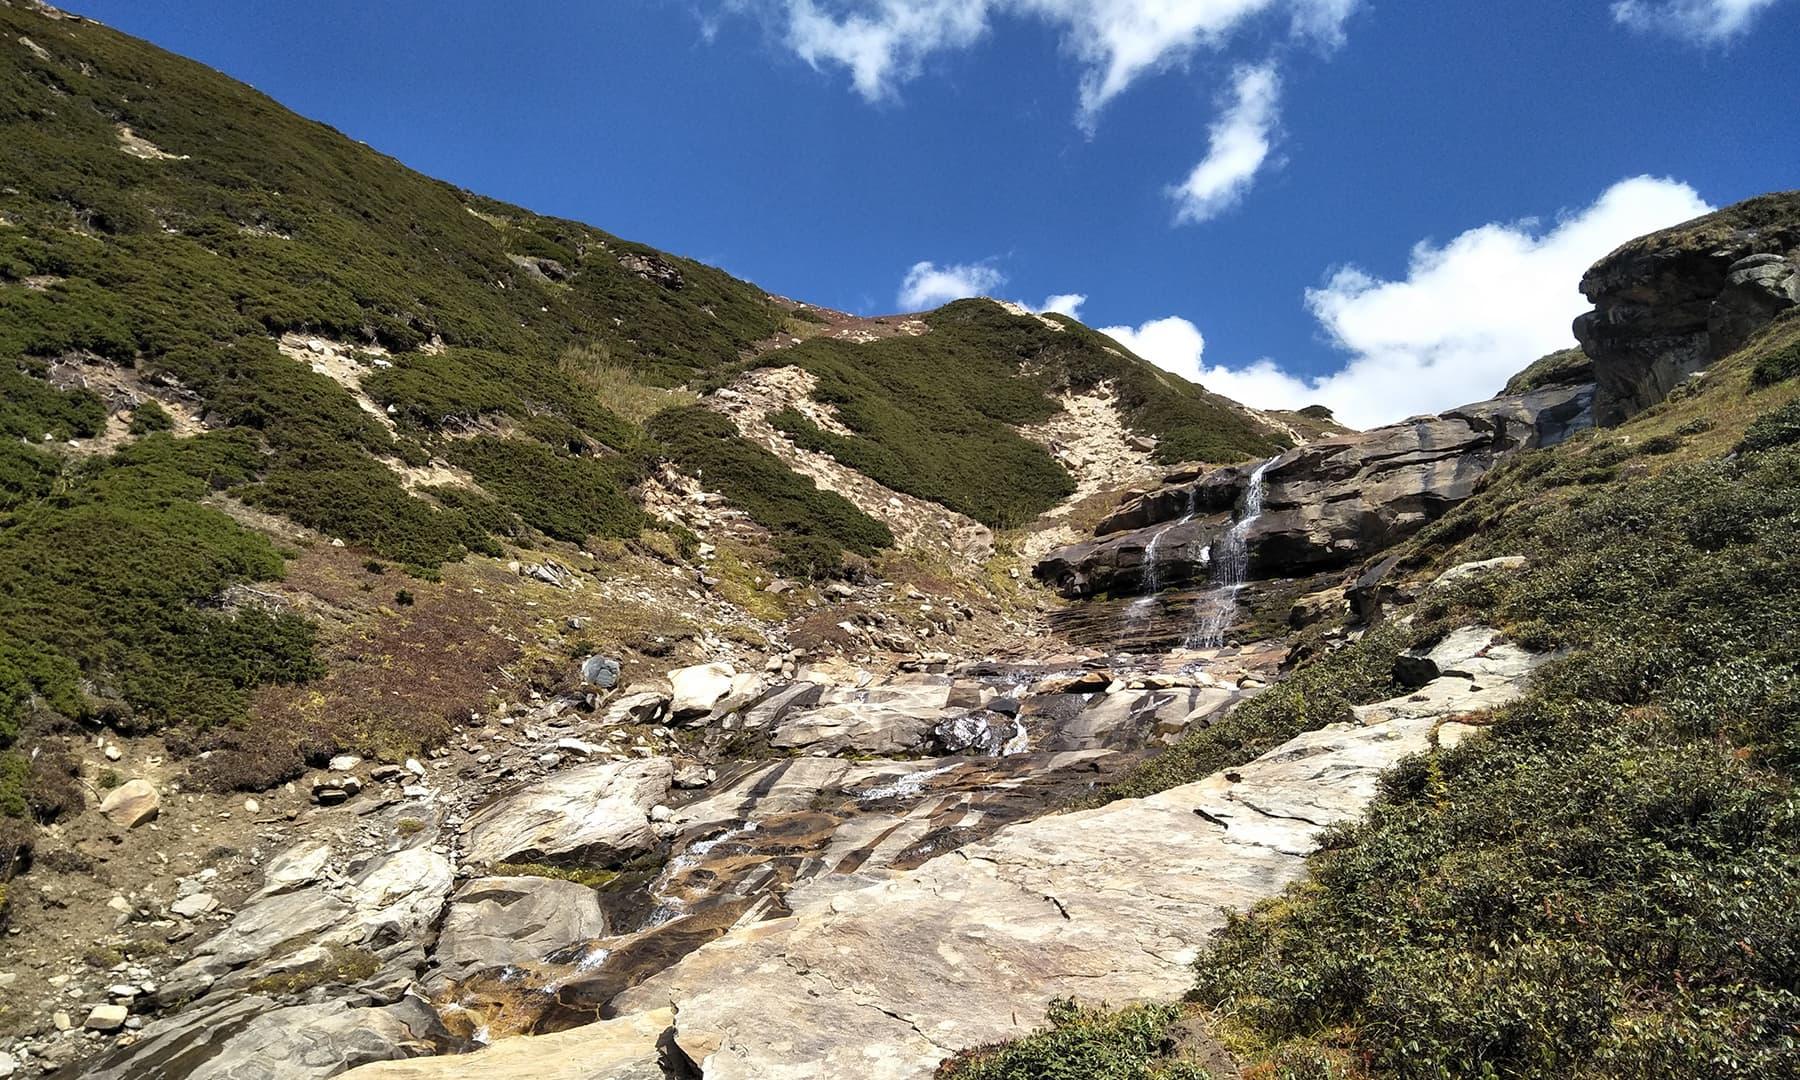 جھیل تک پہنچنے کے لیے نوری آبشار کے ساتھ ساتھ تقریبا 2 گھنٹے کی ٹریکنگ کرنی پڑتی ہے — عظمت اکبر